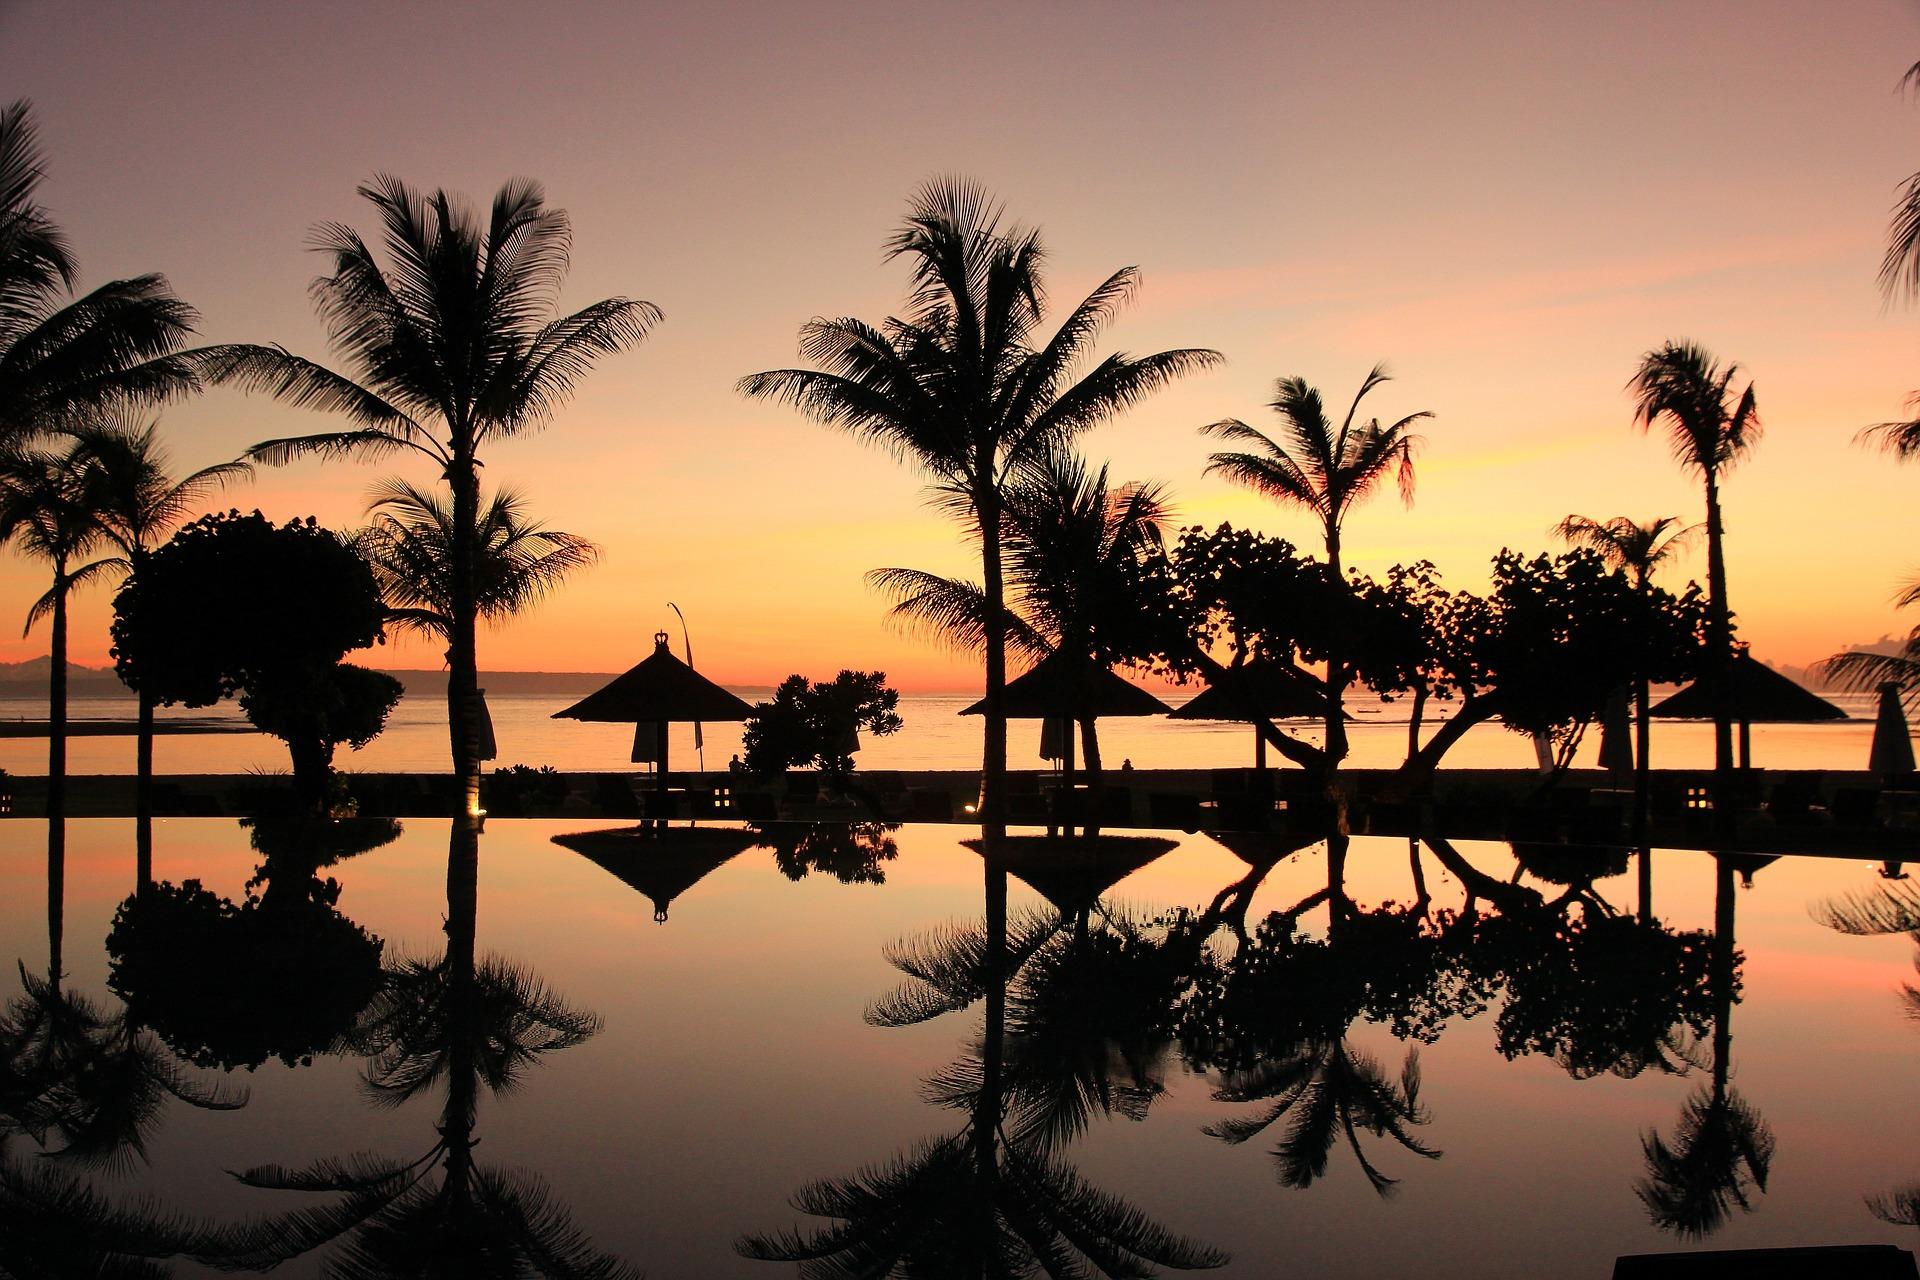 バリの時間大好き♡NEWコーナー「Bali time from Ryoko」がスタートします♪